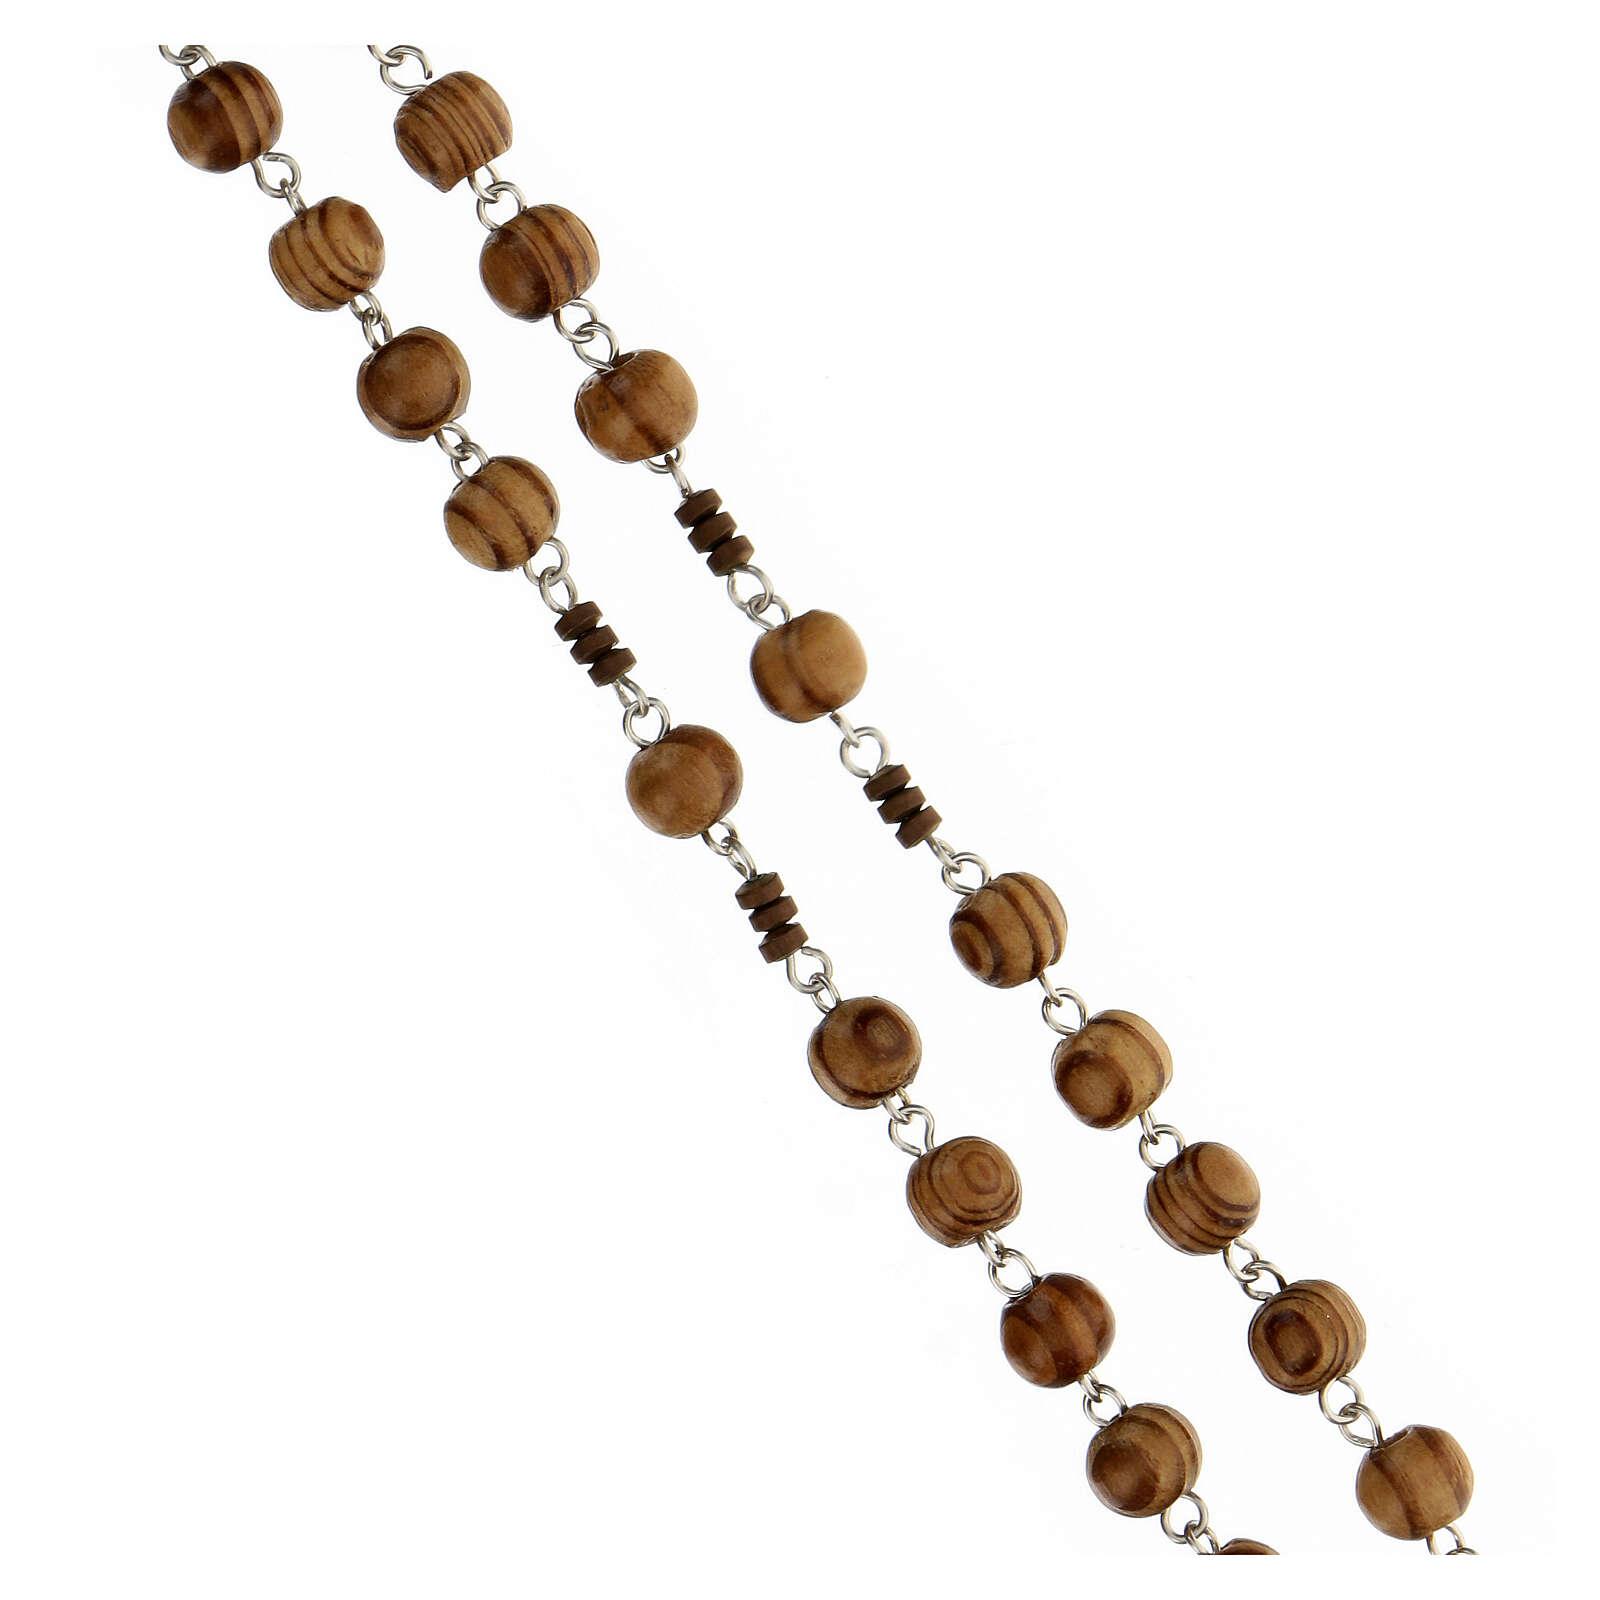 Rosario grani legno maculato 6 mm pater ematite marrone argento 925 4